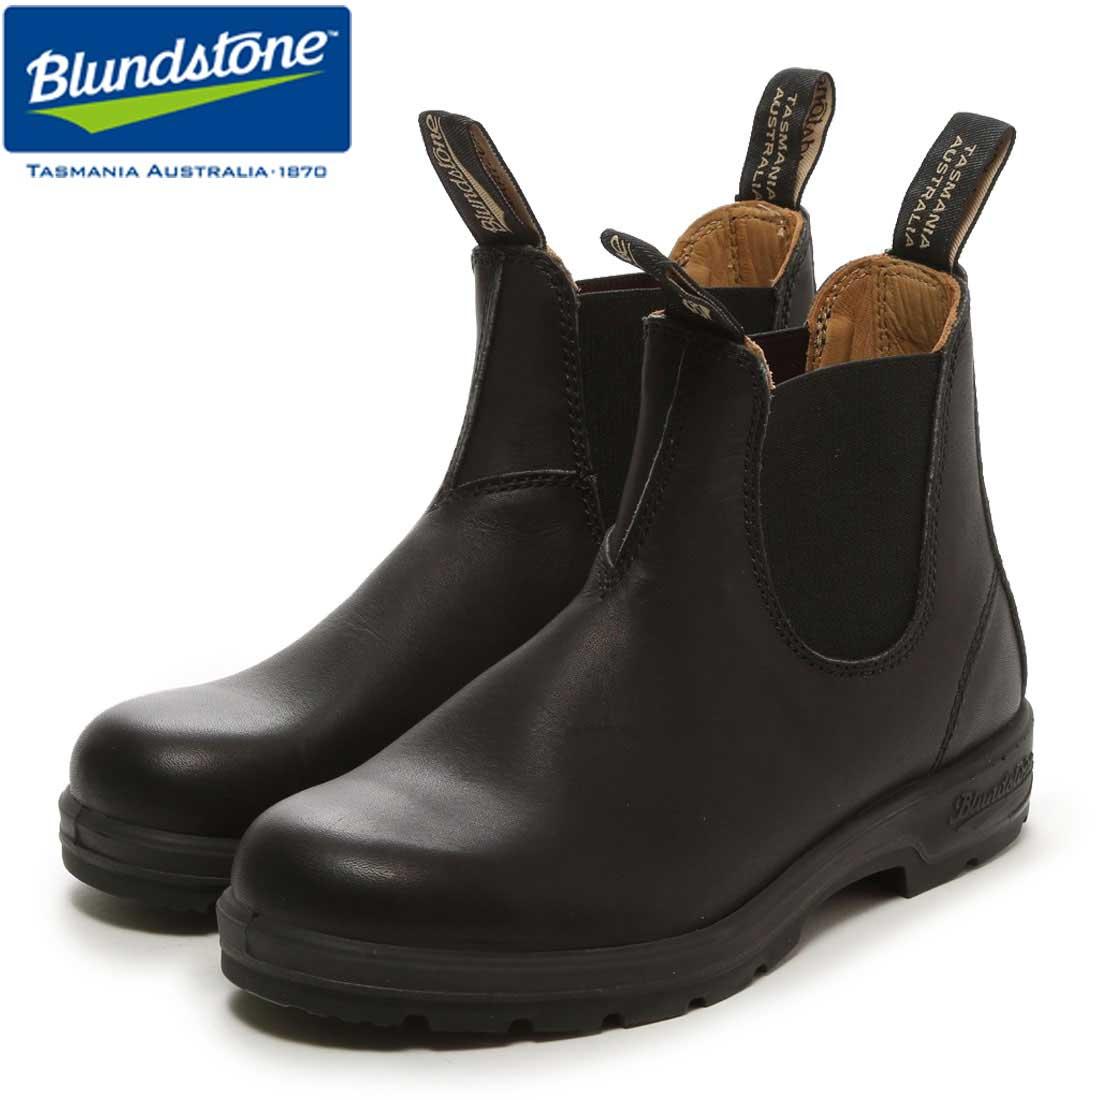 ブランドストーン Blundstone BS558 089 (ユニセックス) ボルタンブラック 「靴」